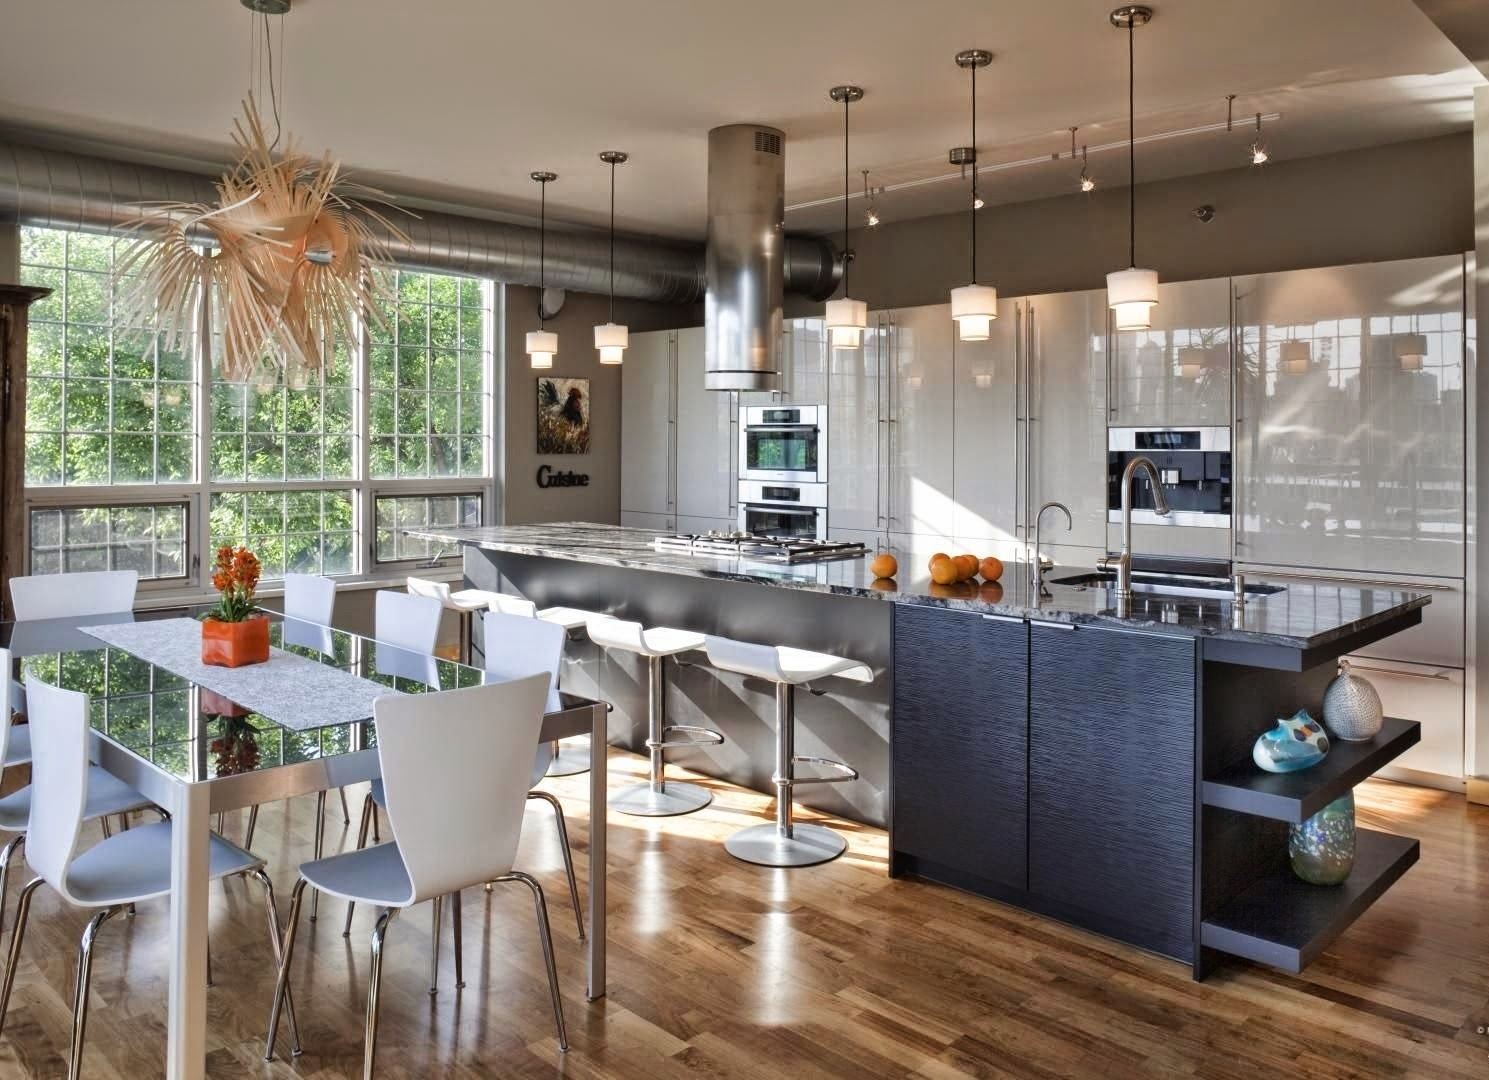 Dapur rumah dengan ruangan terbuka